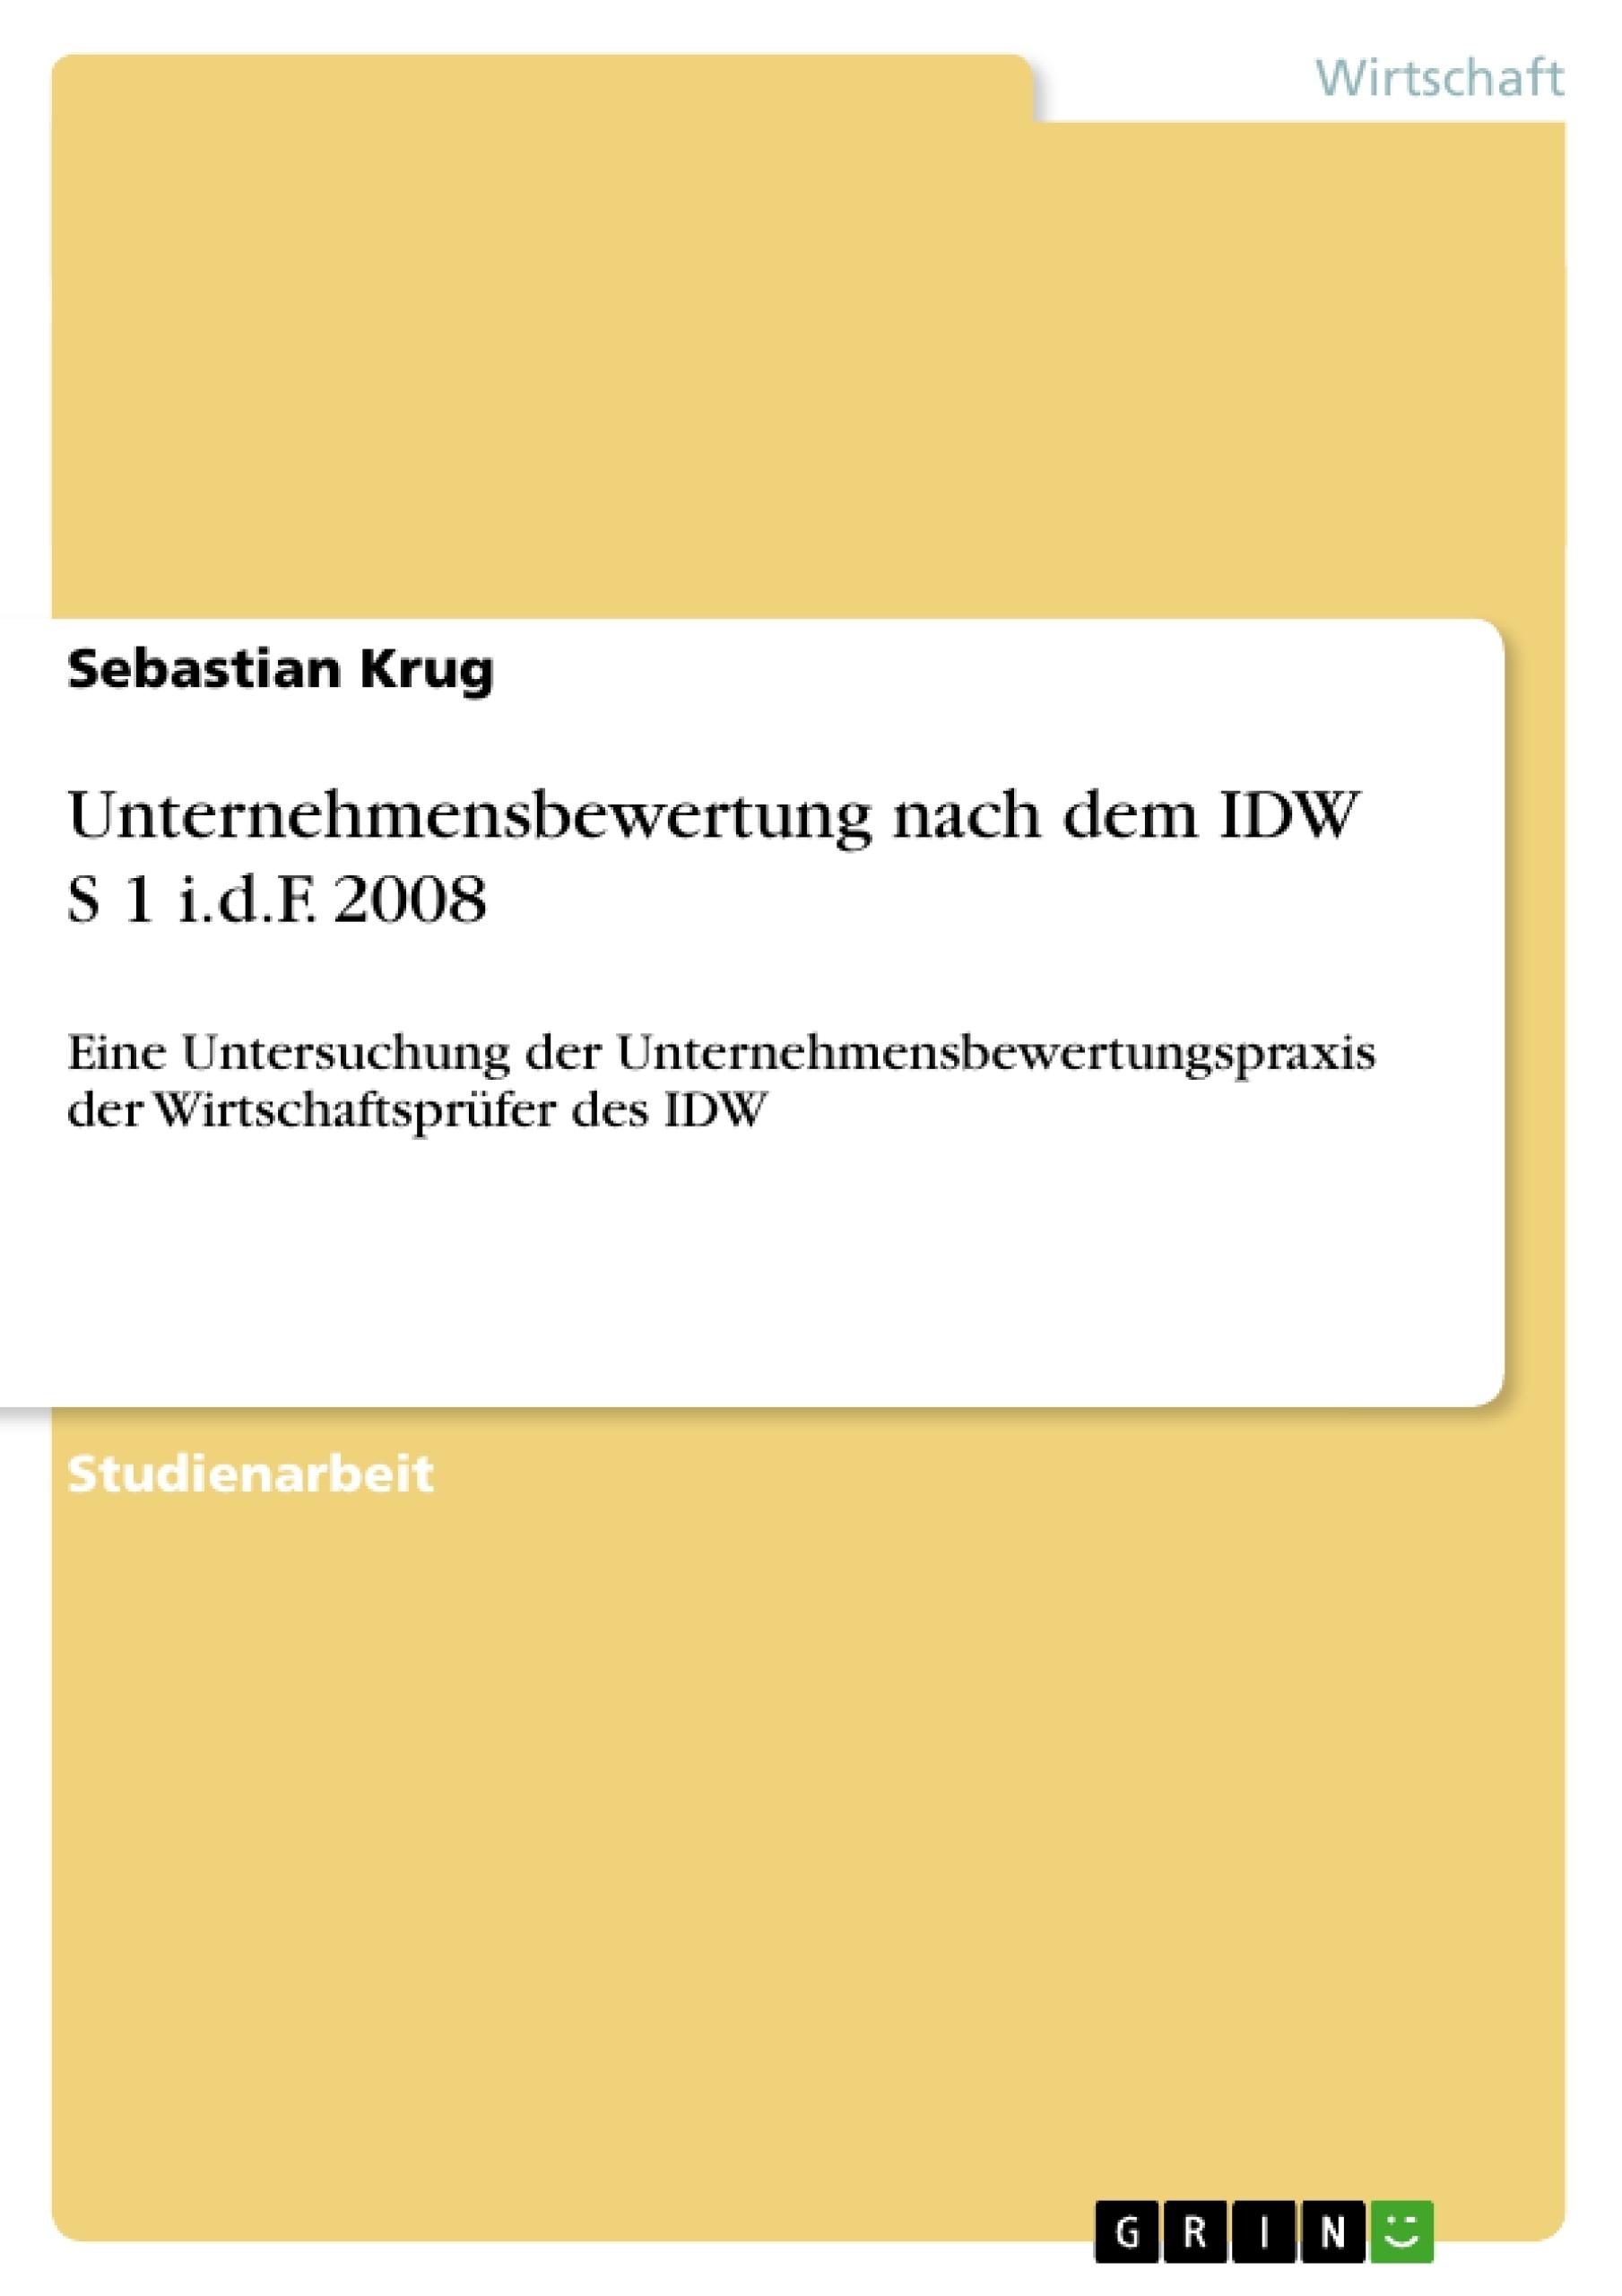 Titel: Unternehmensbewertung nach dem IDW S 1 i.d.F. 2008